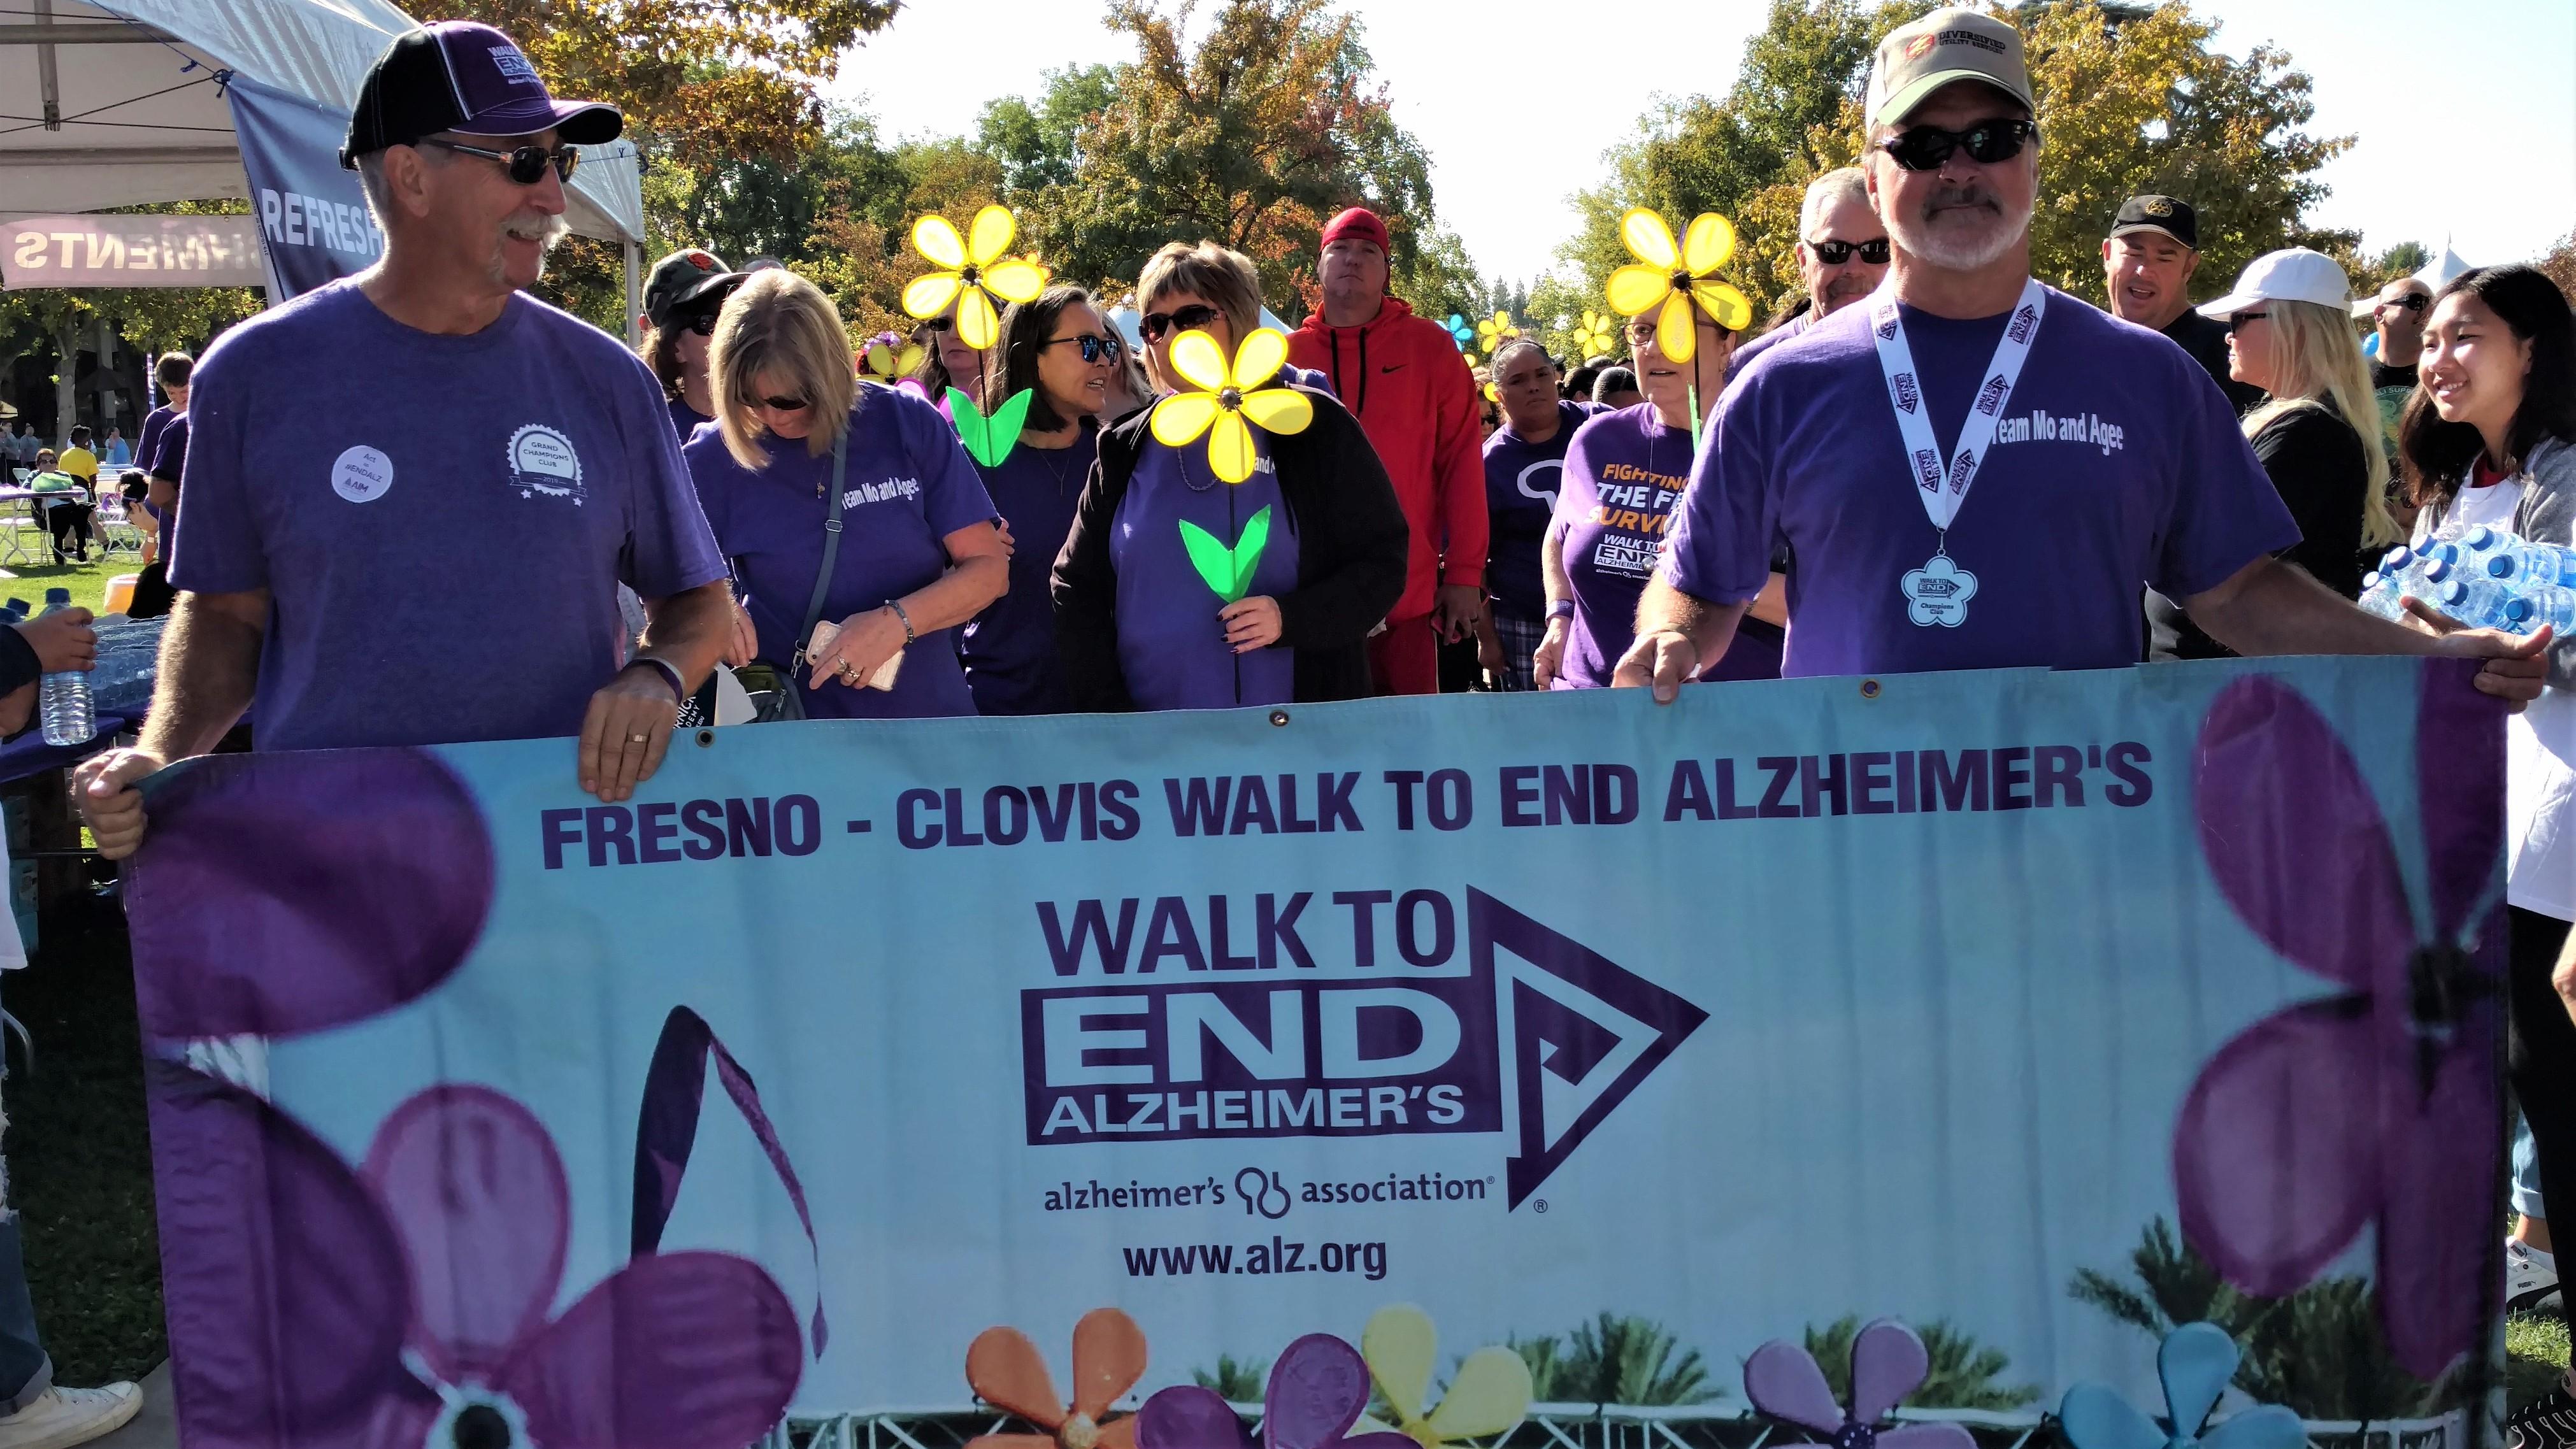 Alzheimers Walk 2019